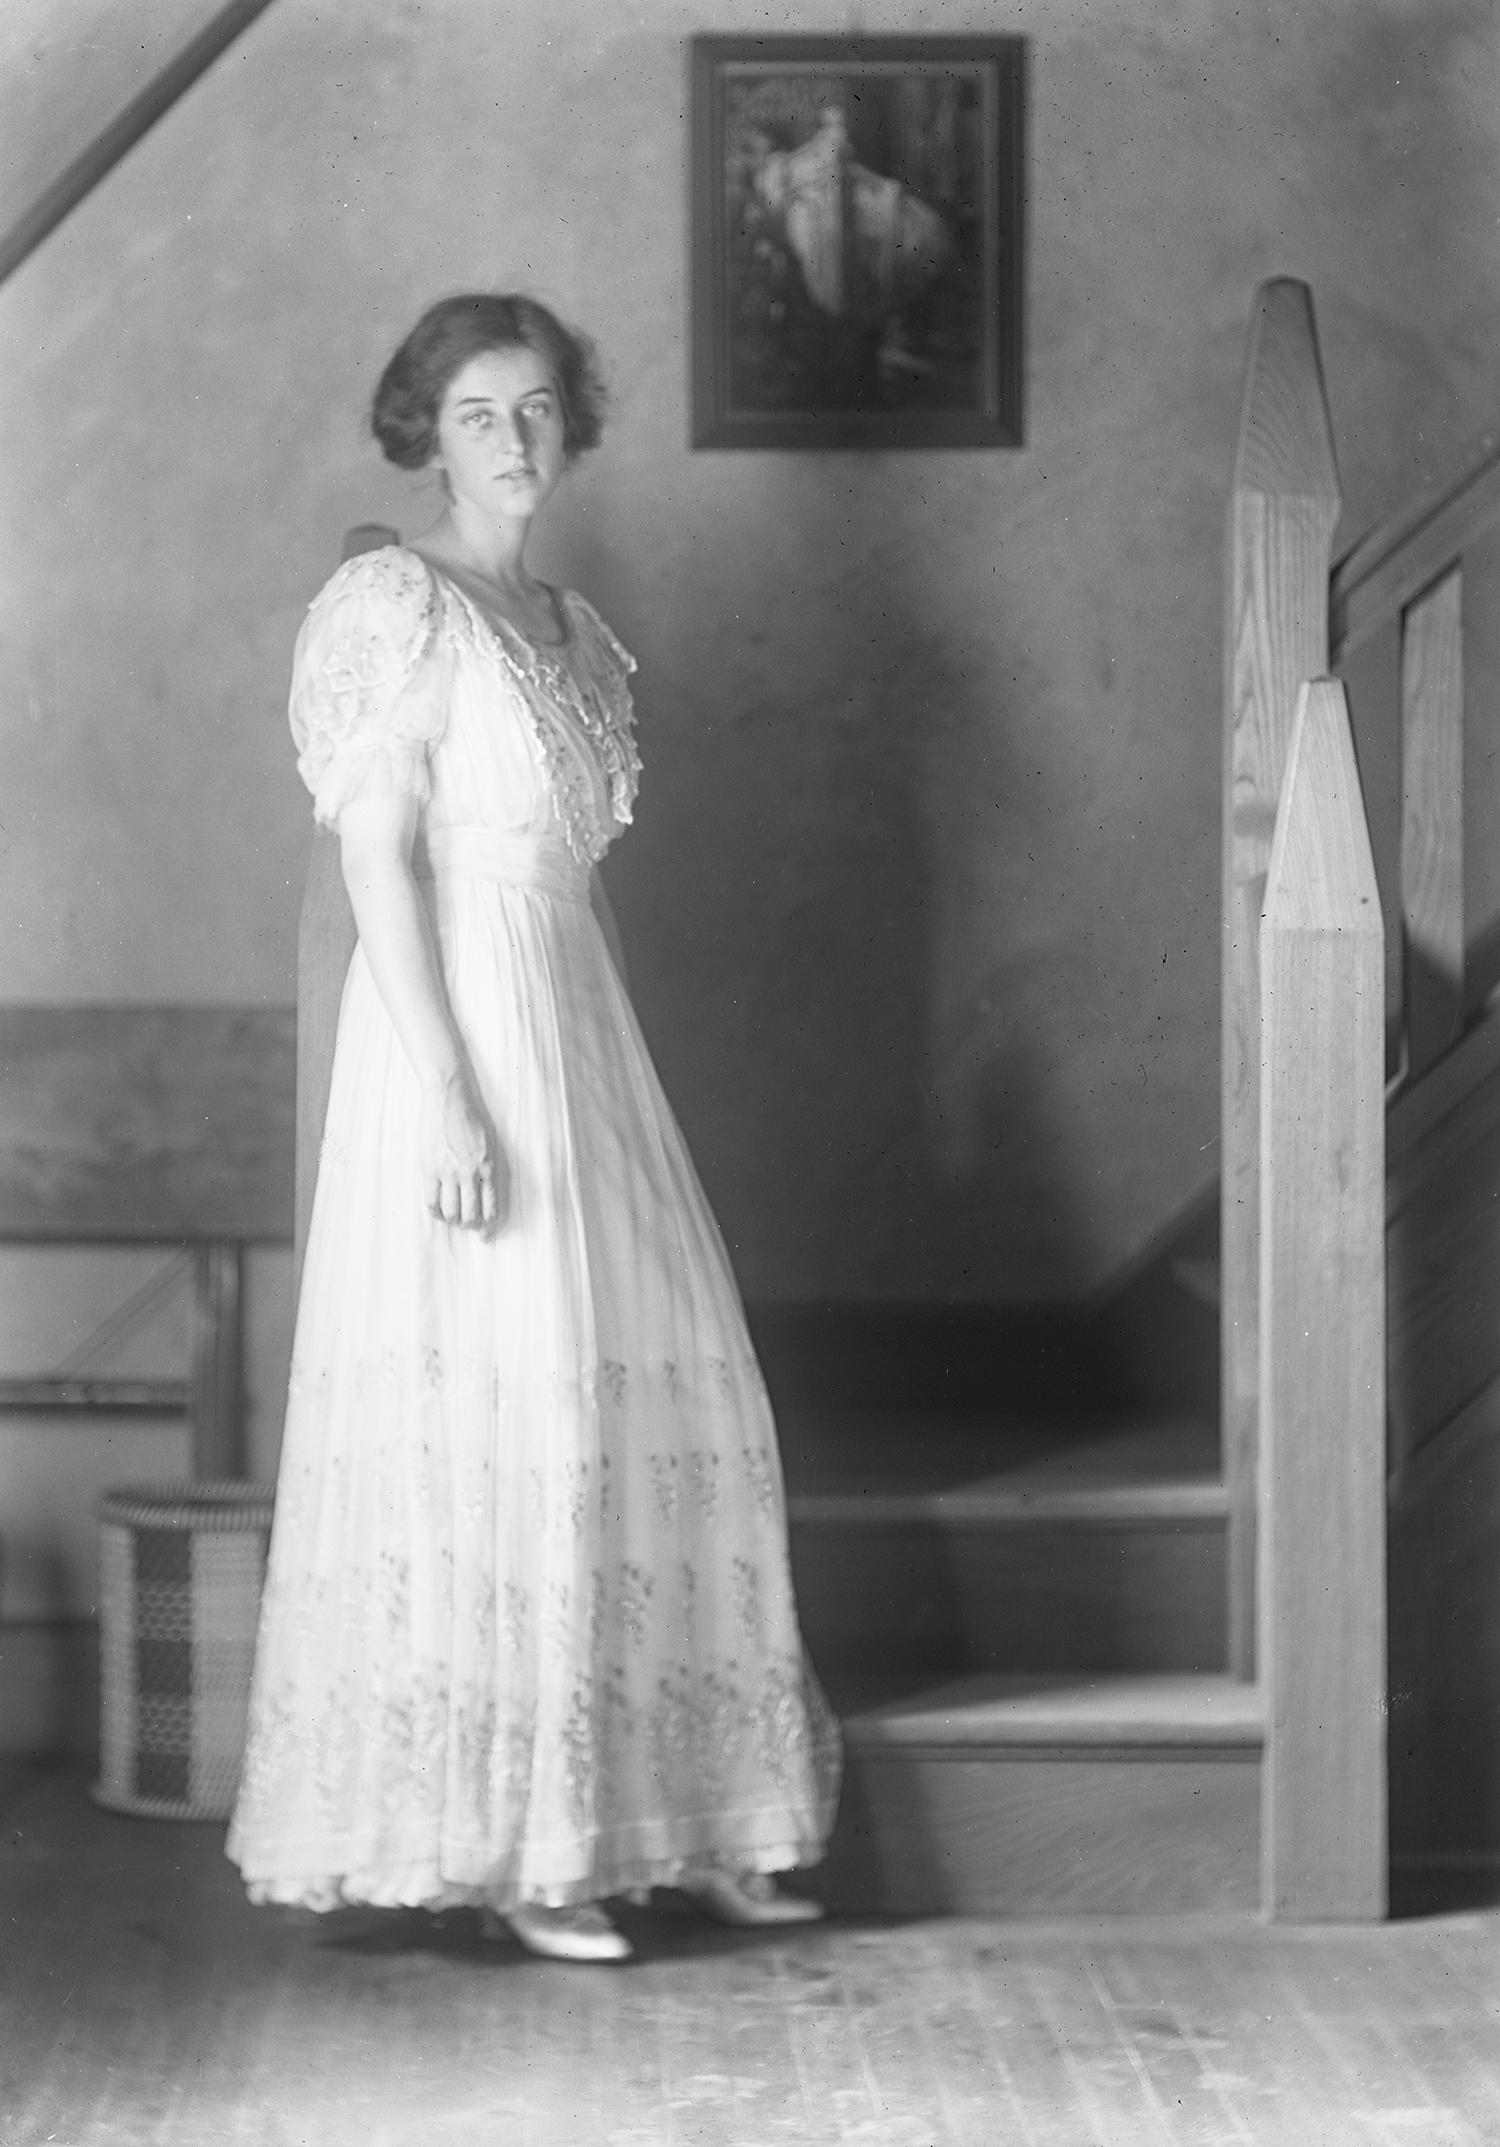 Figure 2: Carina Glen posing in the Cairnwood studio.